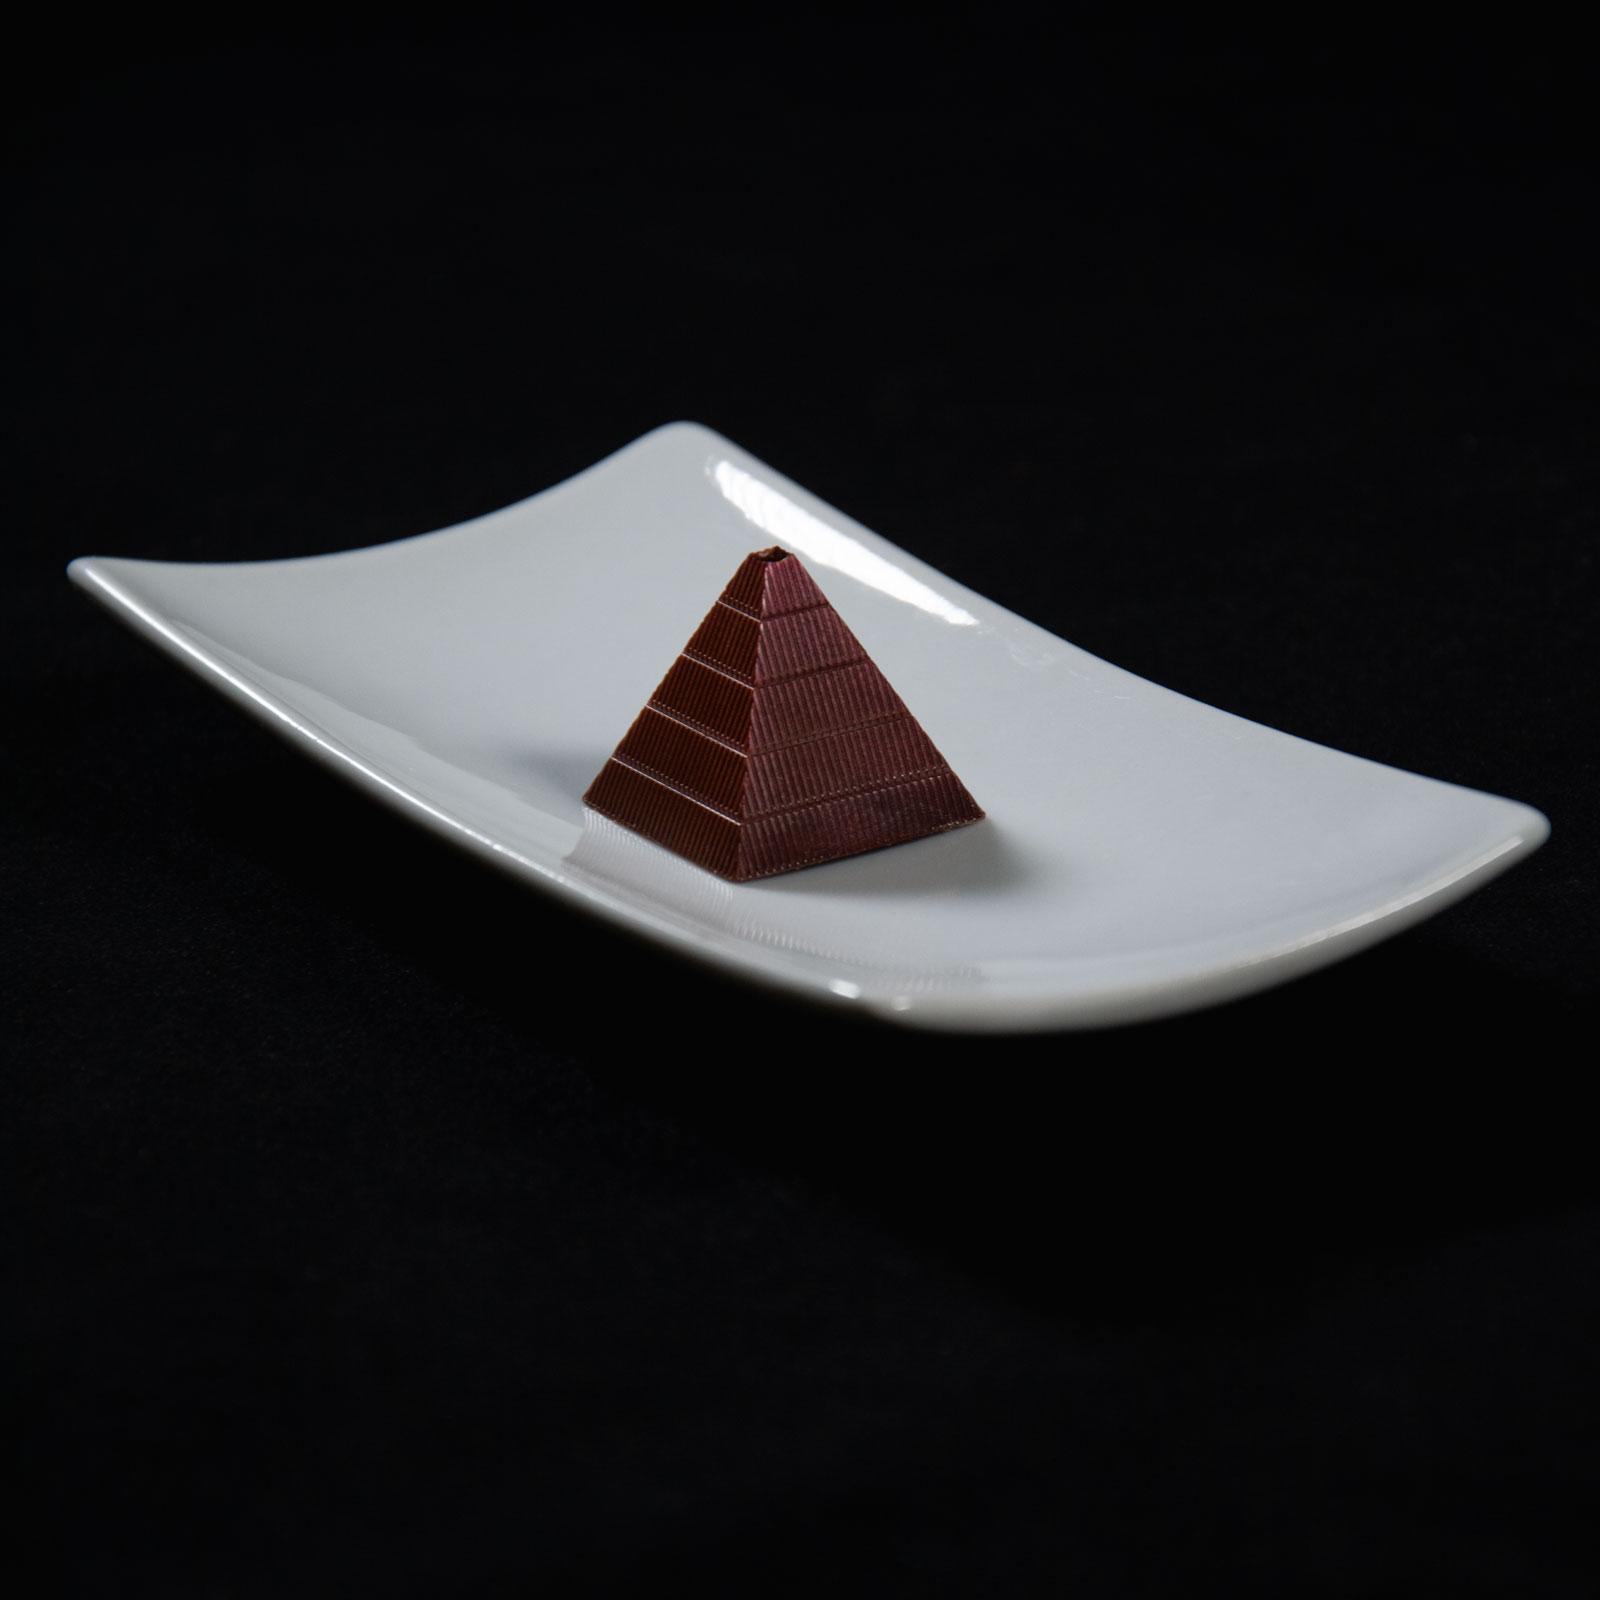 Bombón de chocolate relleno de Kalhua en forma de piramide